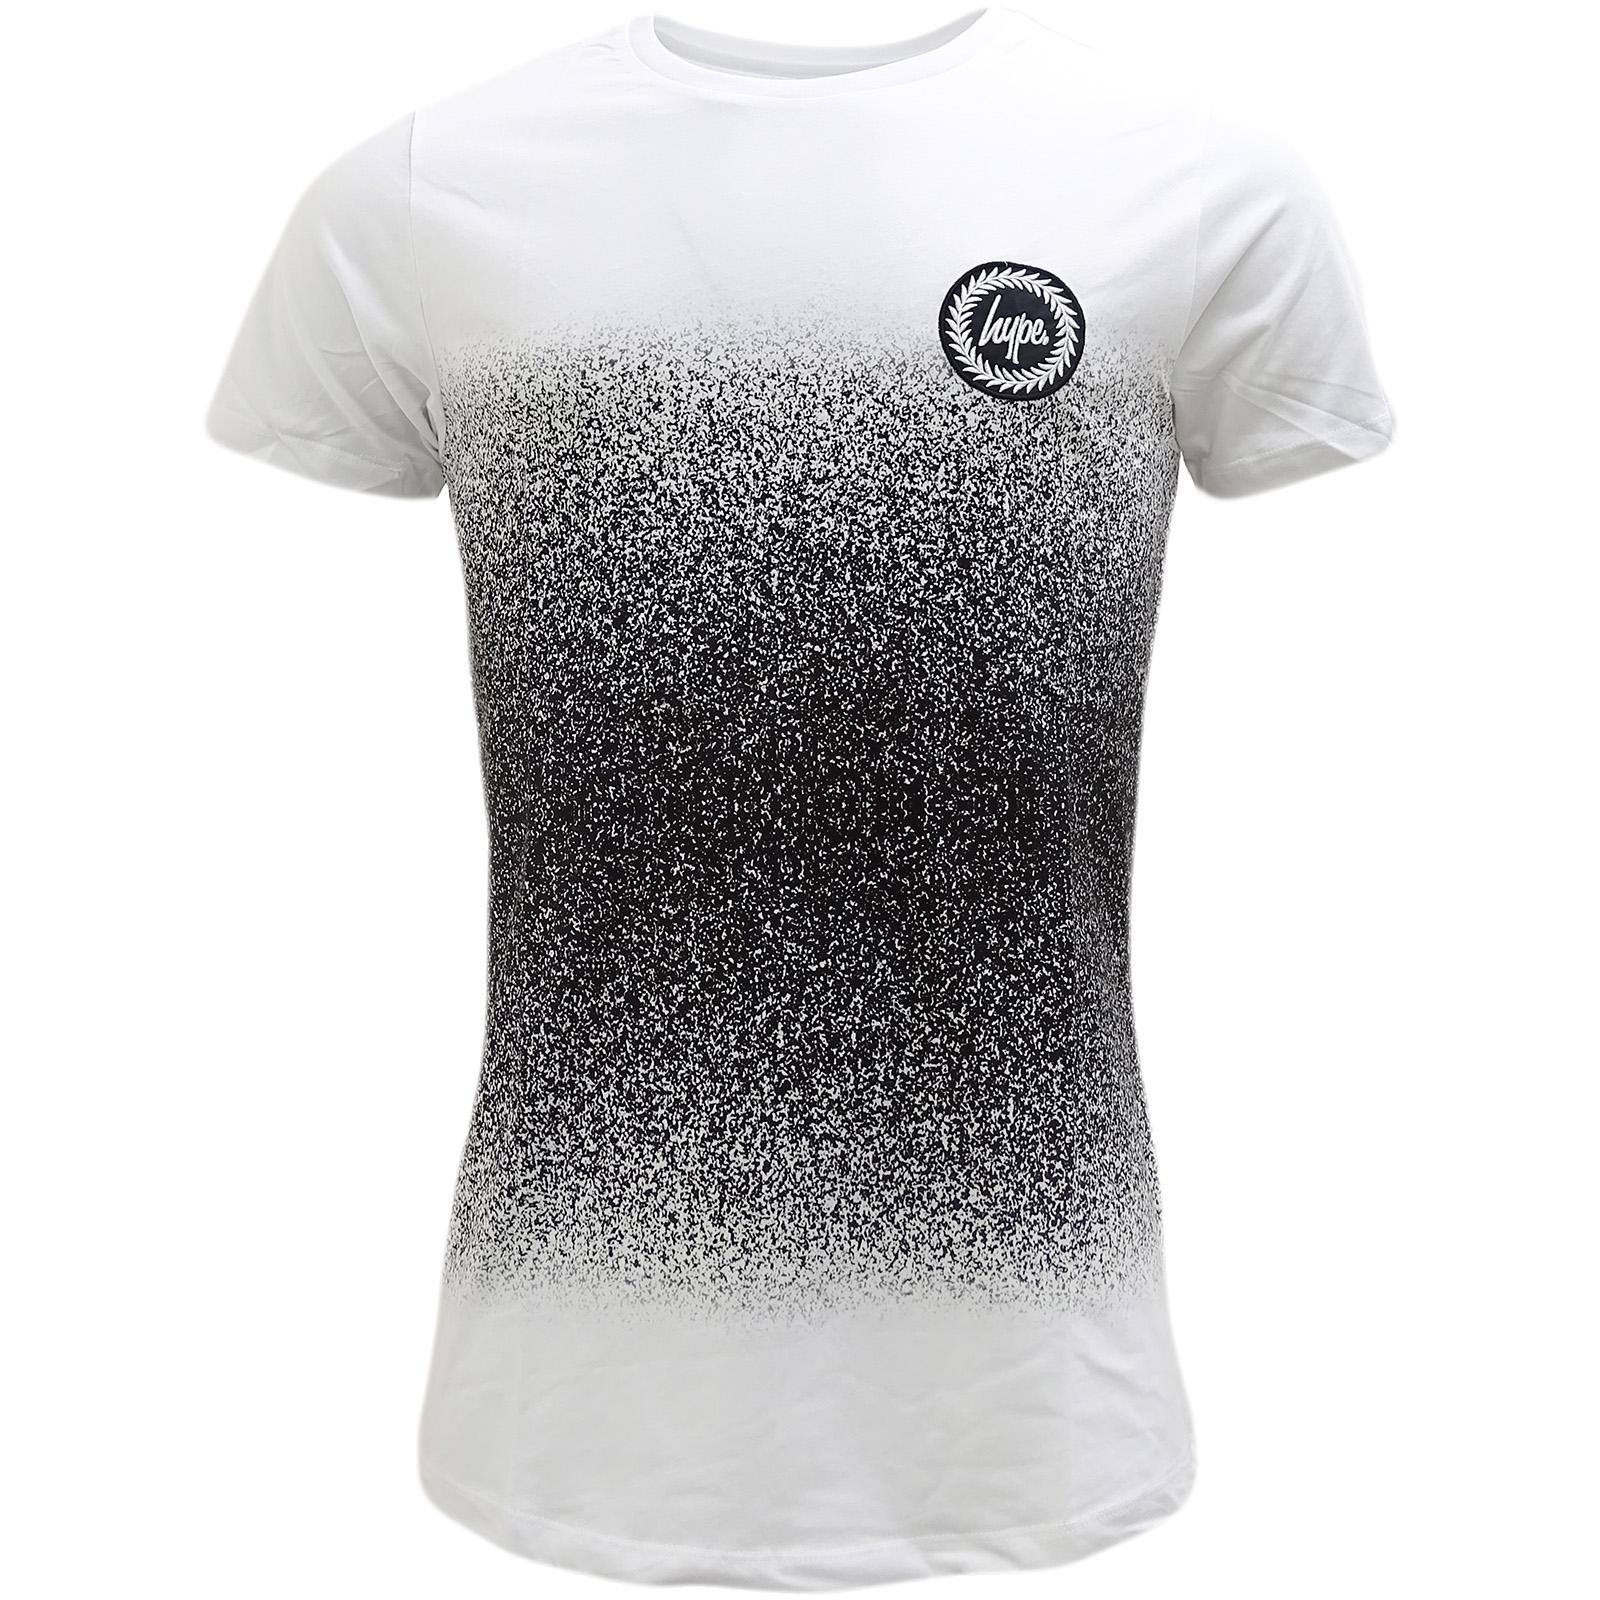 fbfc6ef8 Boys Hype T-Shirt - LOTS OF STYLES - *NEW 2018 HYPE TEE* XXS XS ...